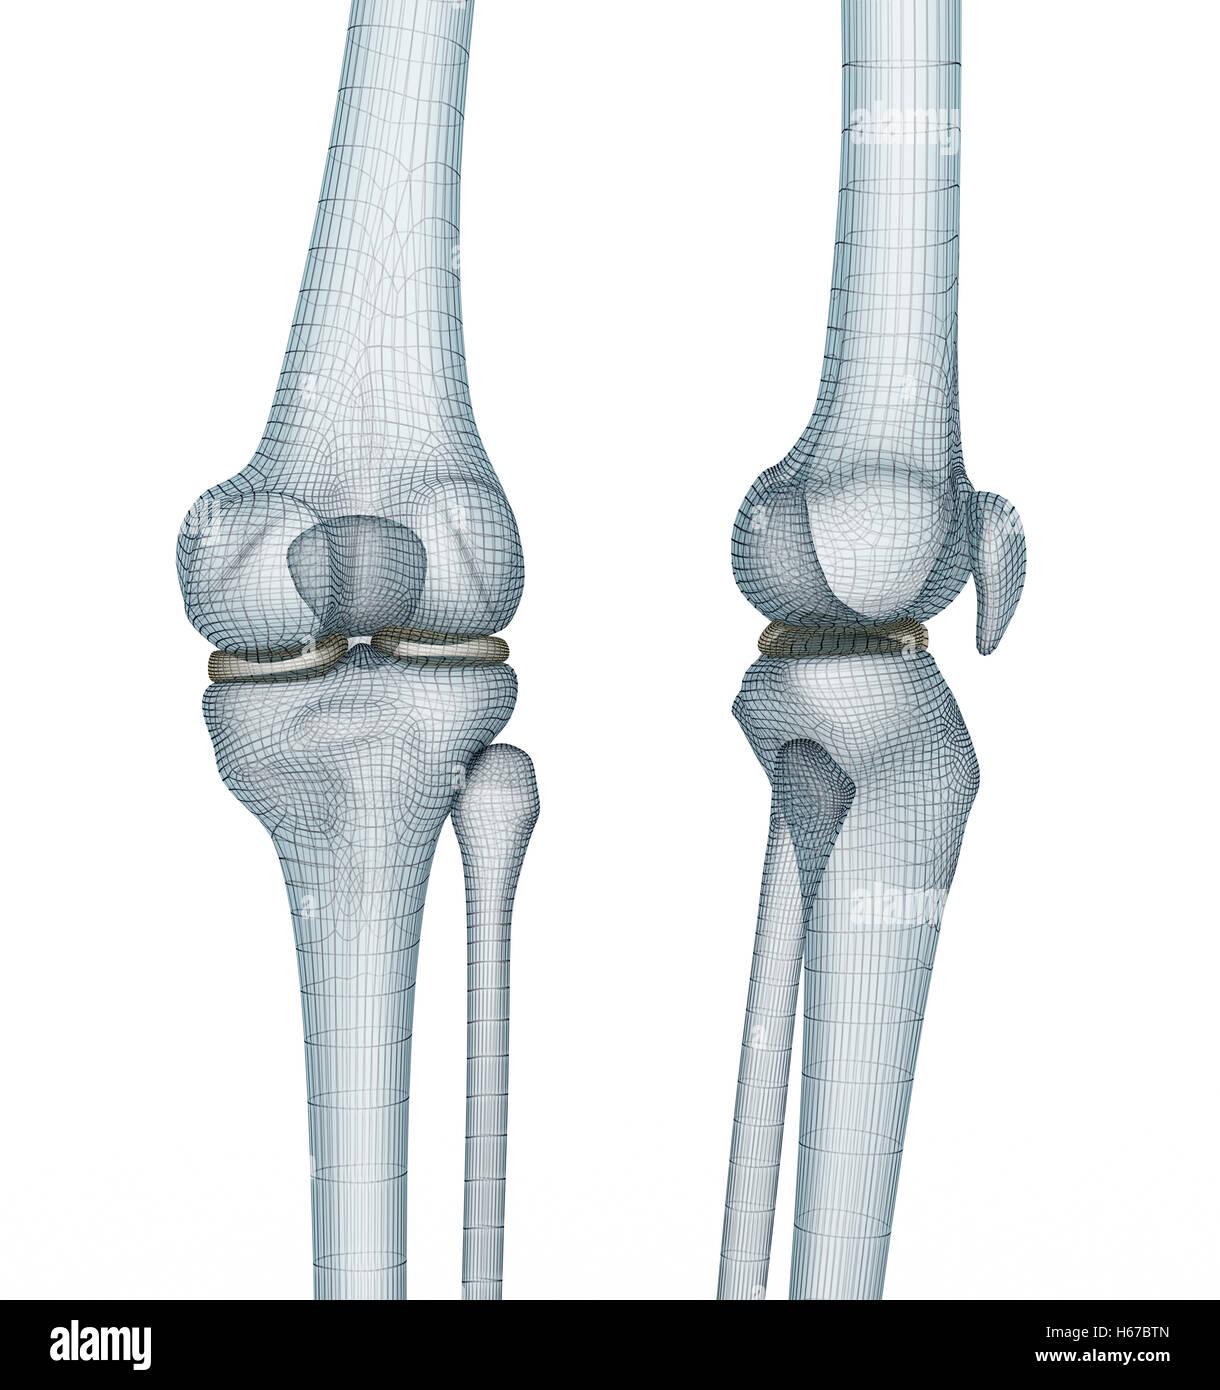 Berühmt Kniegelenk Anatomie Ppt Ideen - Menschliche Anatomie Bilder ...